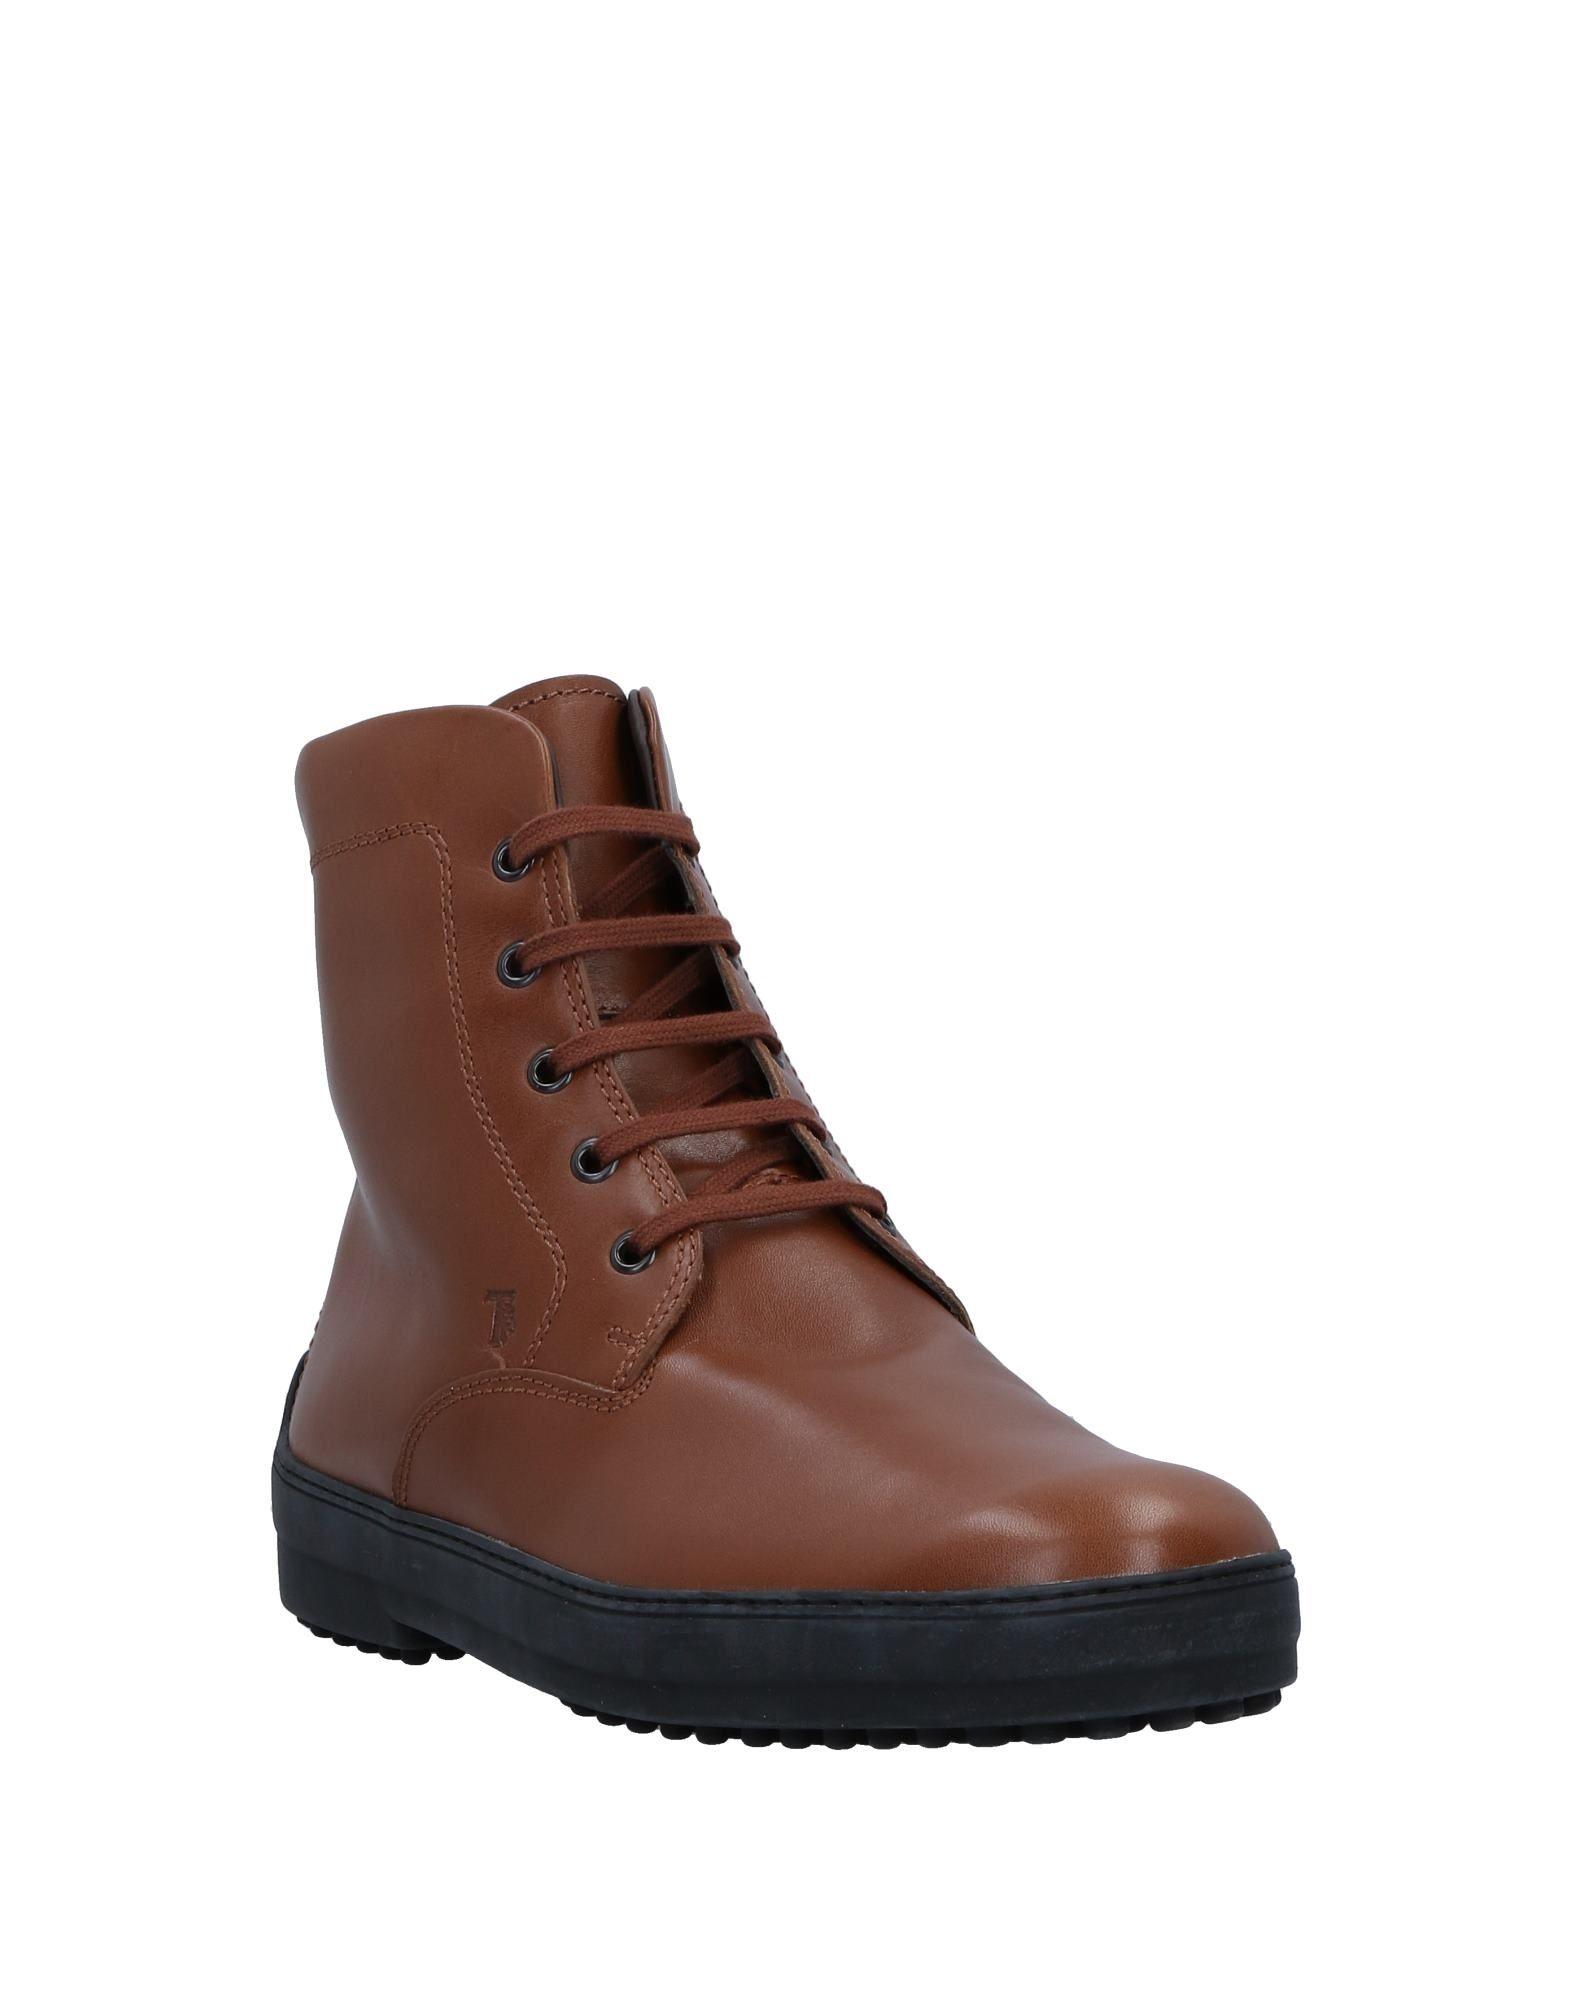 Tod's 11543236CF Stiefelette Herren  11543236CF Tod's Gute Qualität beliebte Schuhe 0c7547